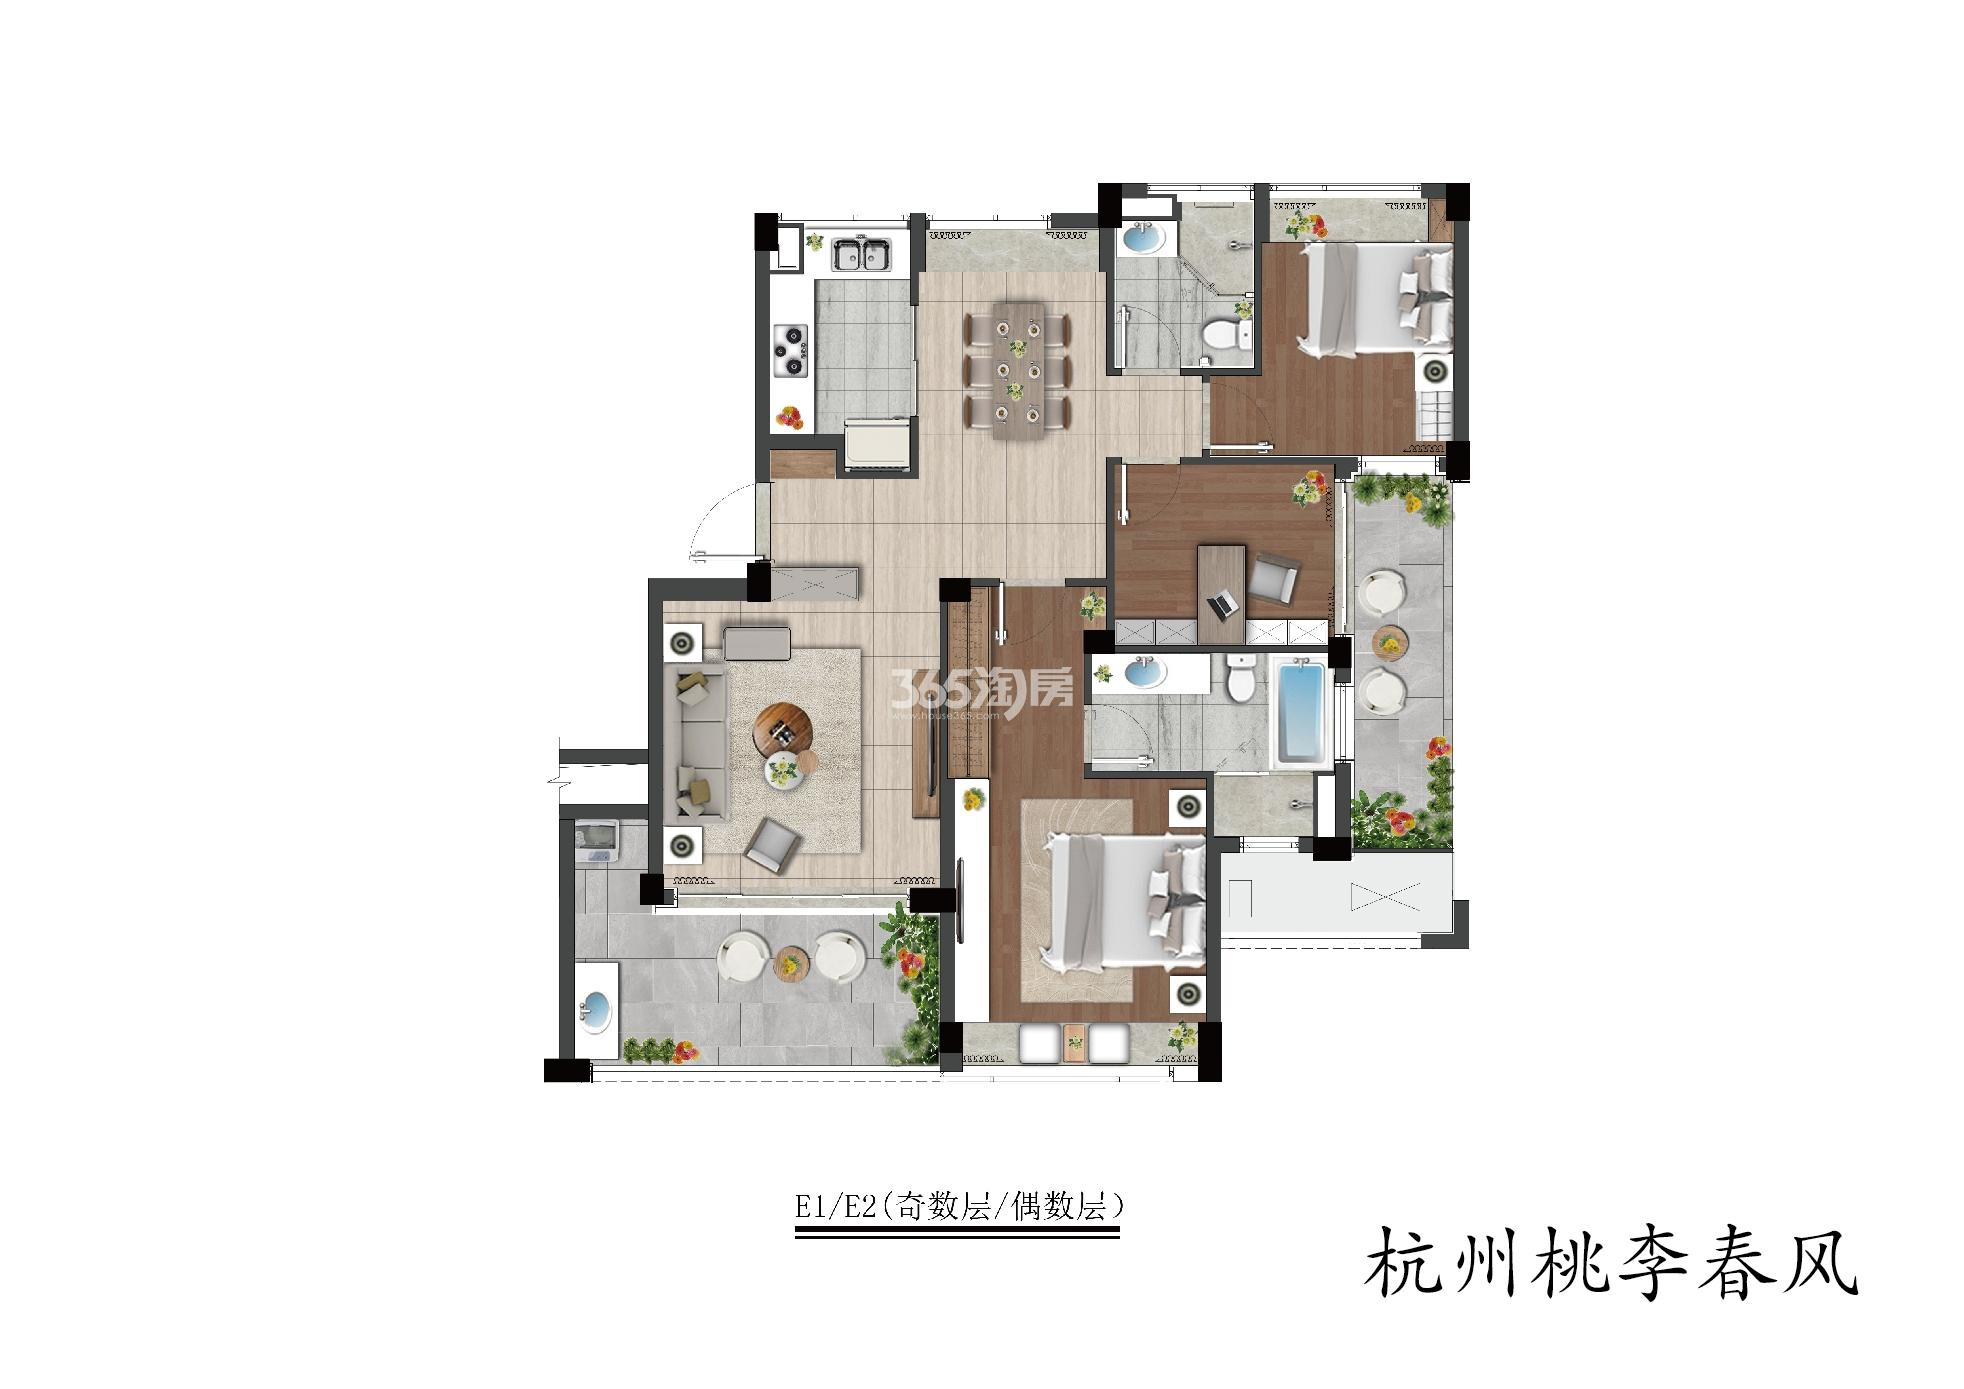 桃李春风E1/E2(奇数层/偶数层)洋房